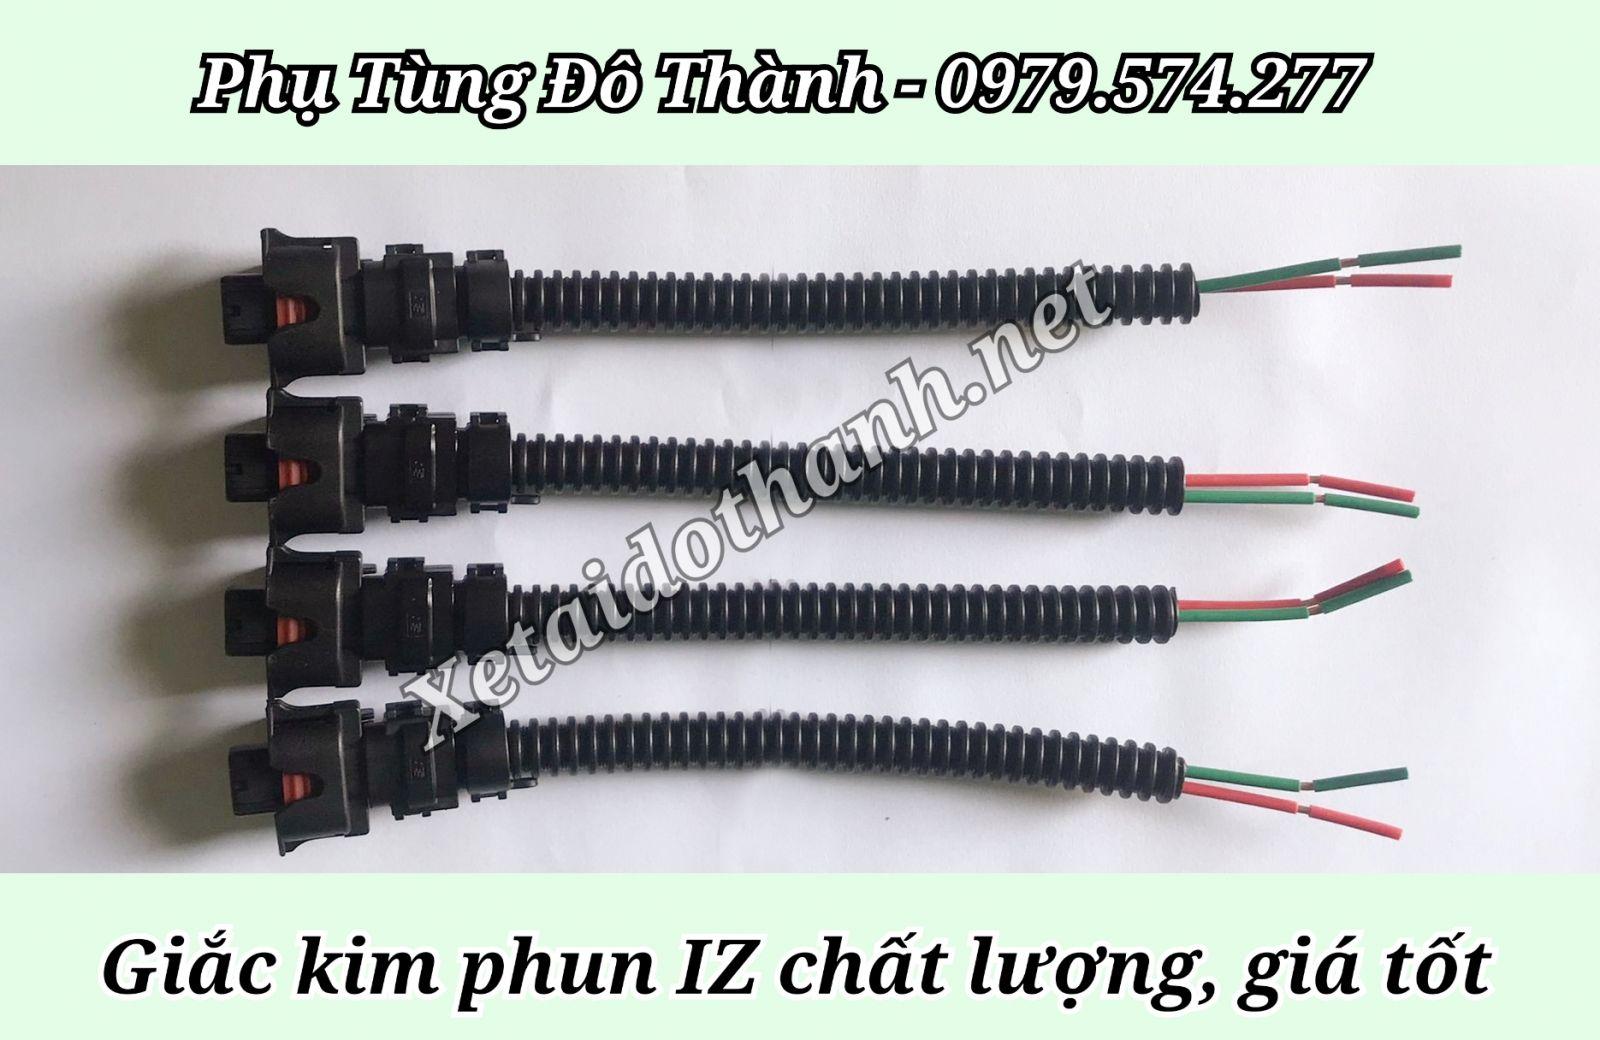 GIAC KIM PHUN IZ